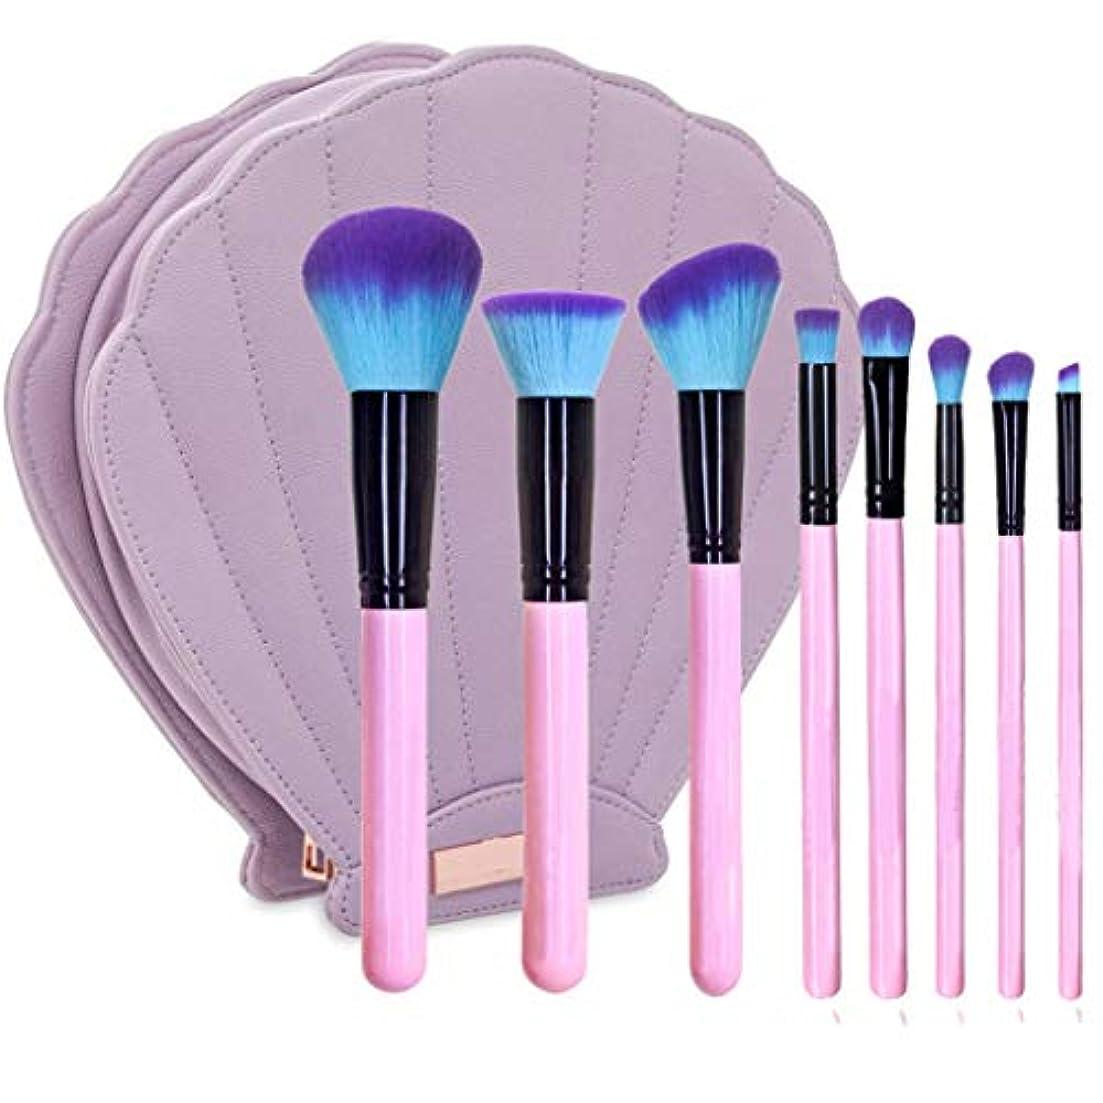 机骨髄砲兵10シェルバッグ化粧ブラシブルーパープルジッパーバッグセットフルセットの化粧道具,Pink